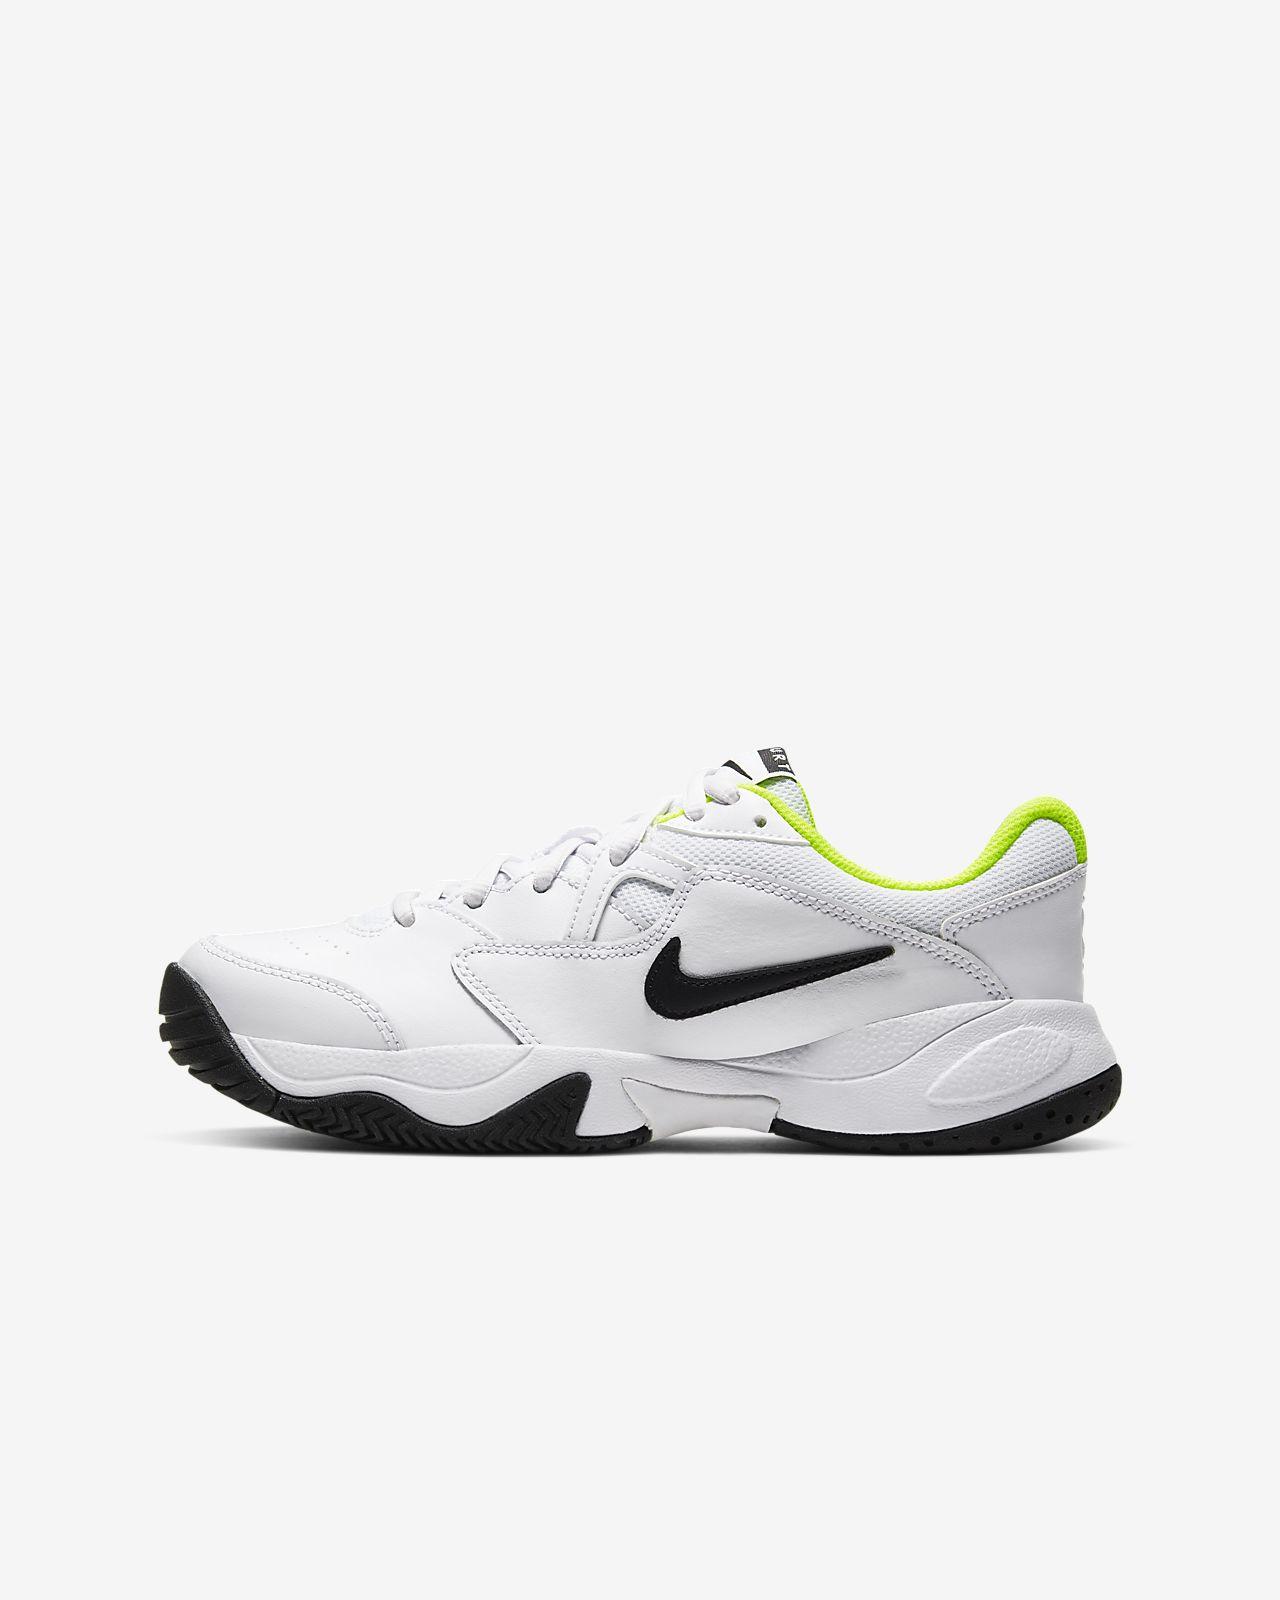 chaussures de tennis nike enfant